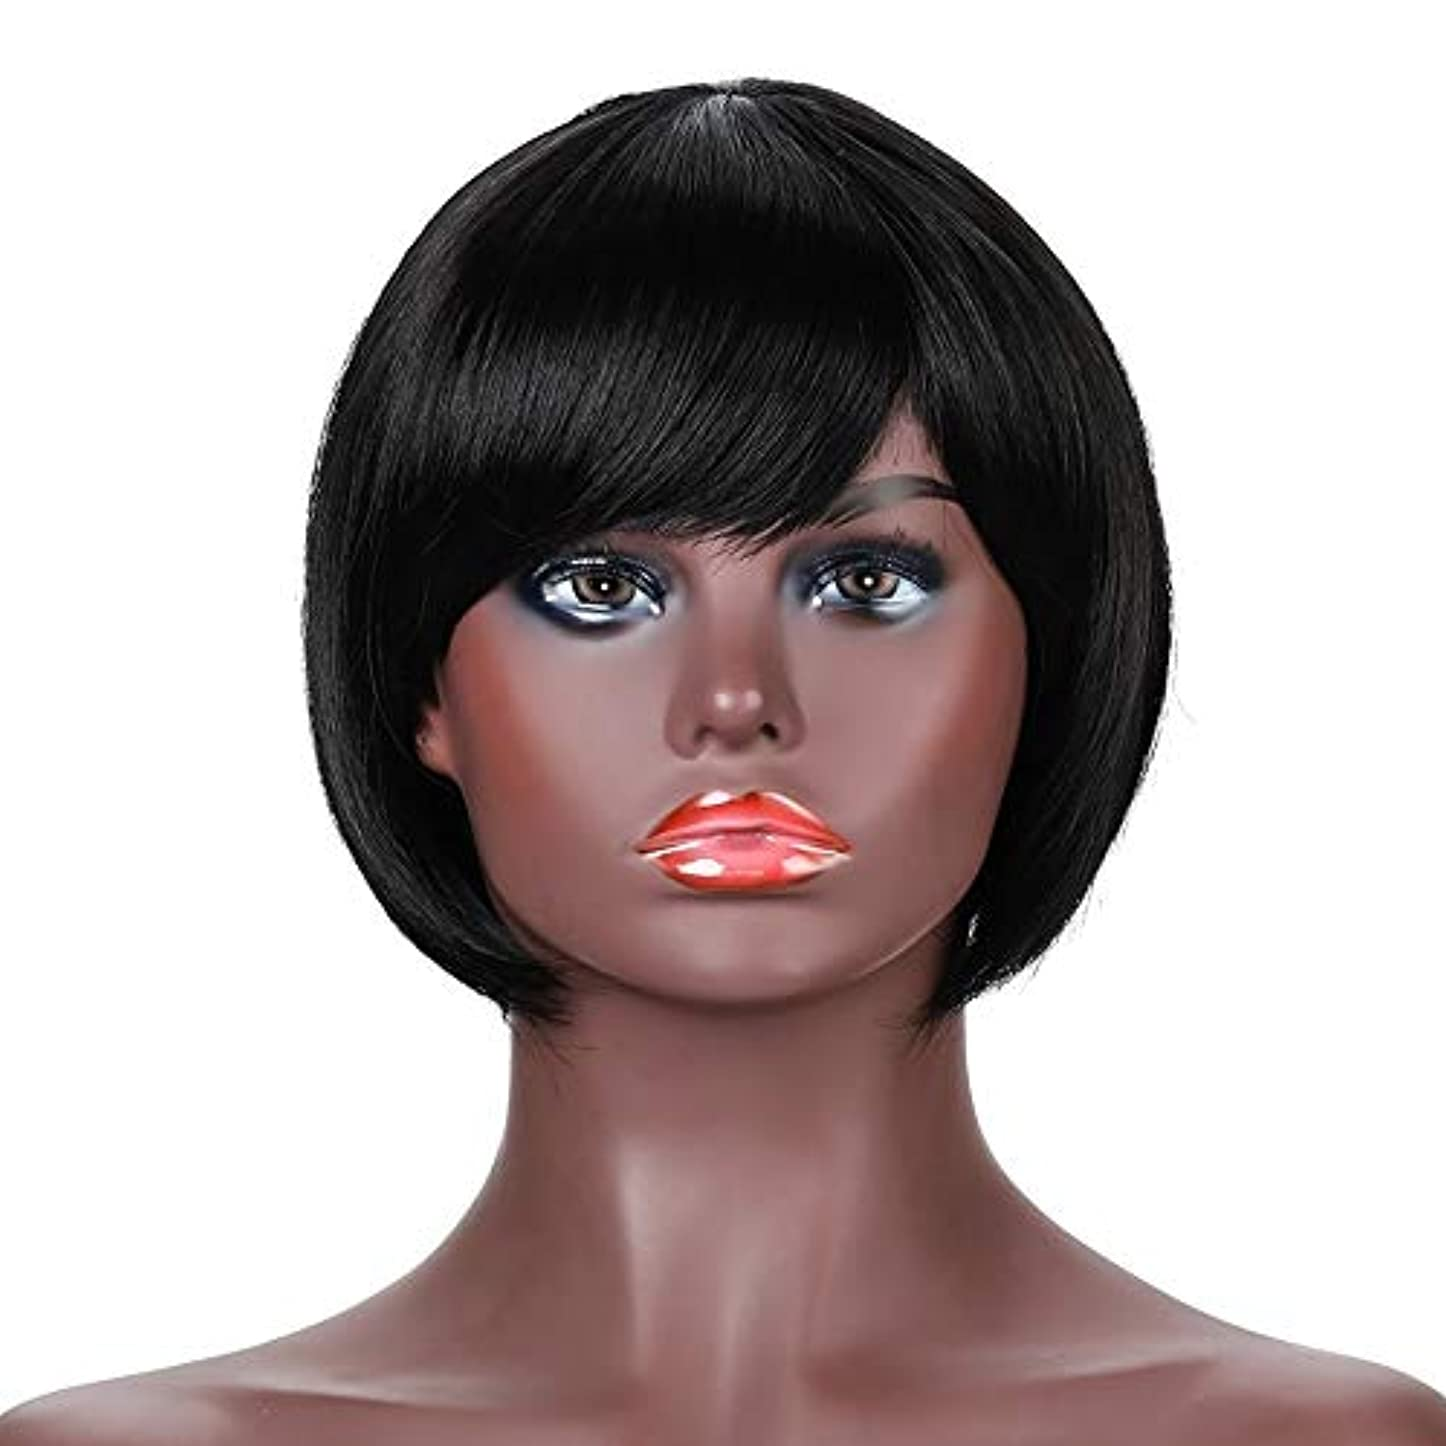 引退する黒葉巻女性用ナチュラルブラックショートカーリーヘアウィッグ前髪リアル人毛ウィッグ合成フルヘアウィッグ女性用ハロウィンコスプレパーティーウィッグ